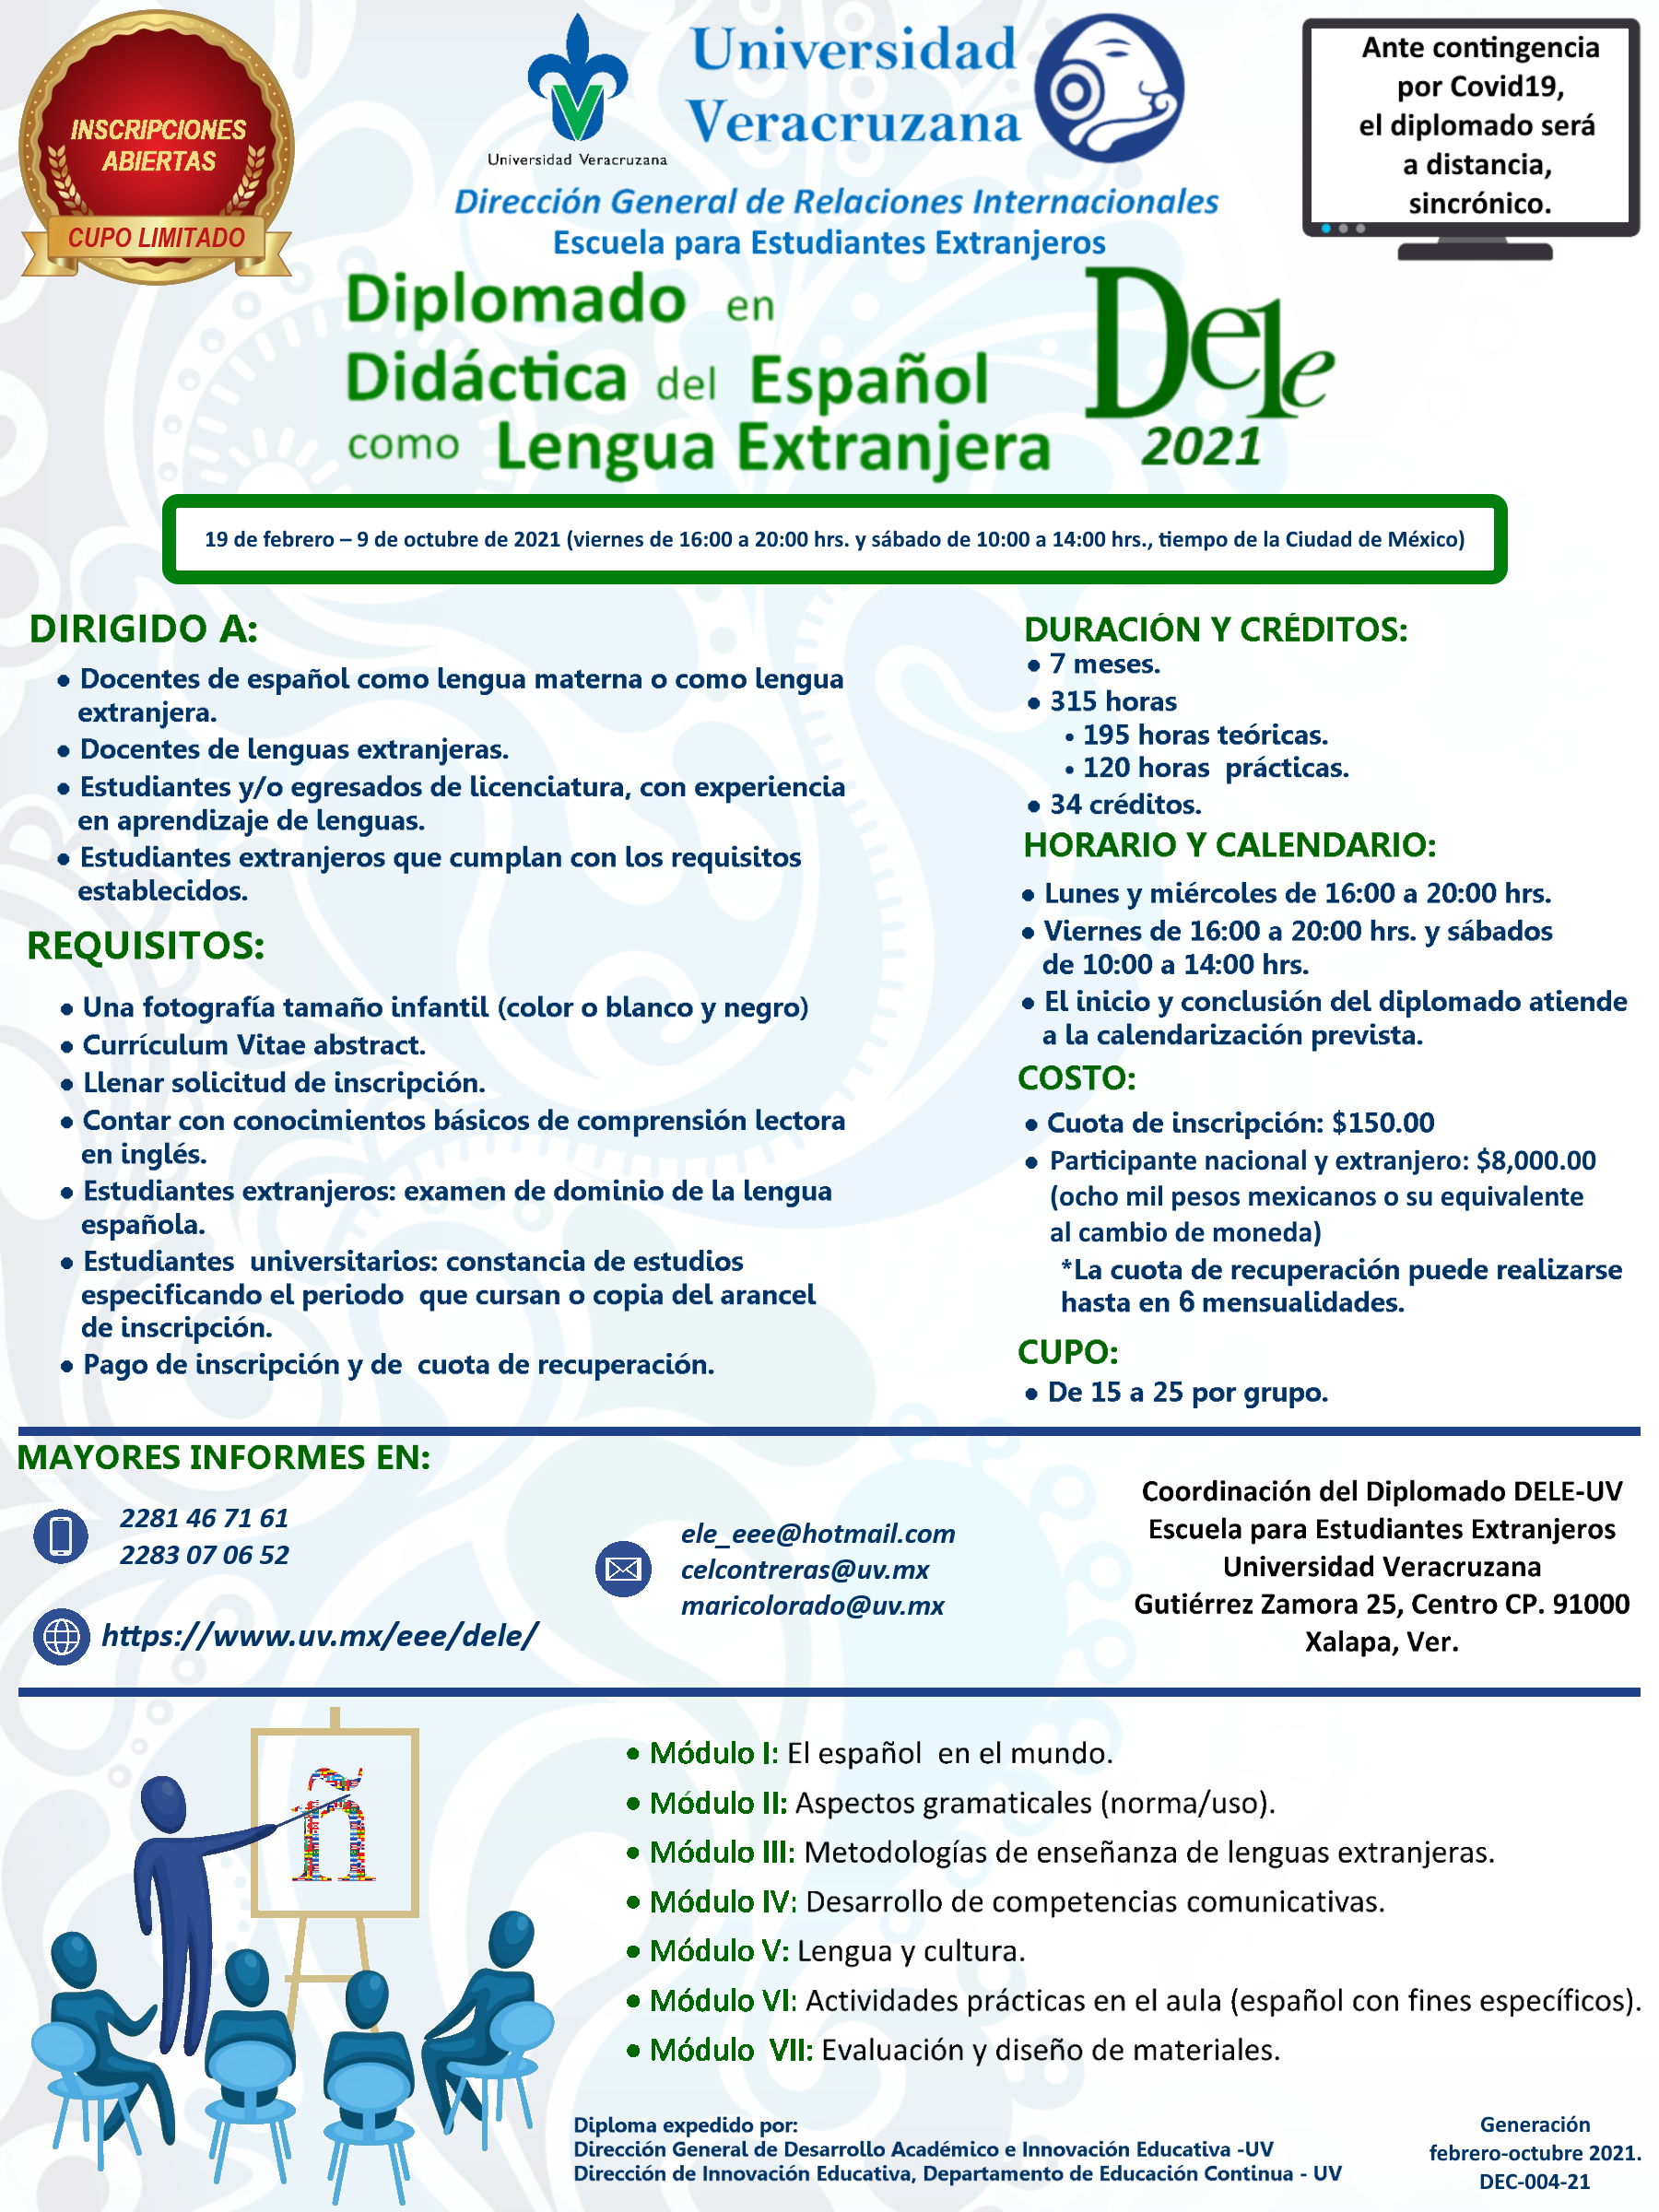 Cartel Diplomado en Didáctica del Español como Lengua Extranjera 2021